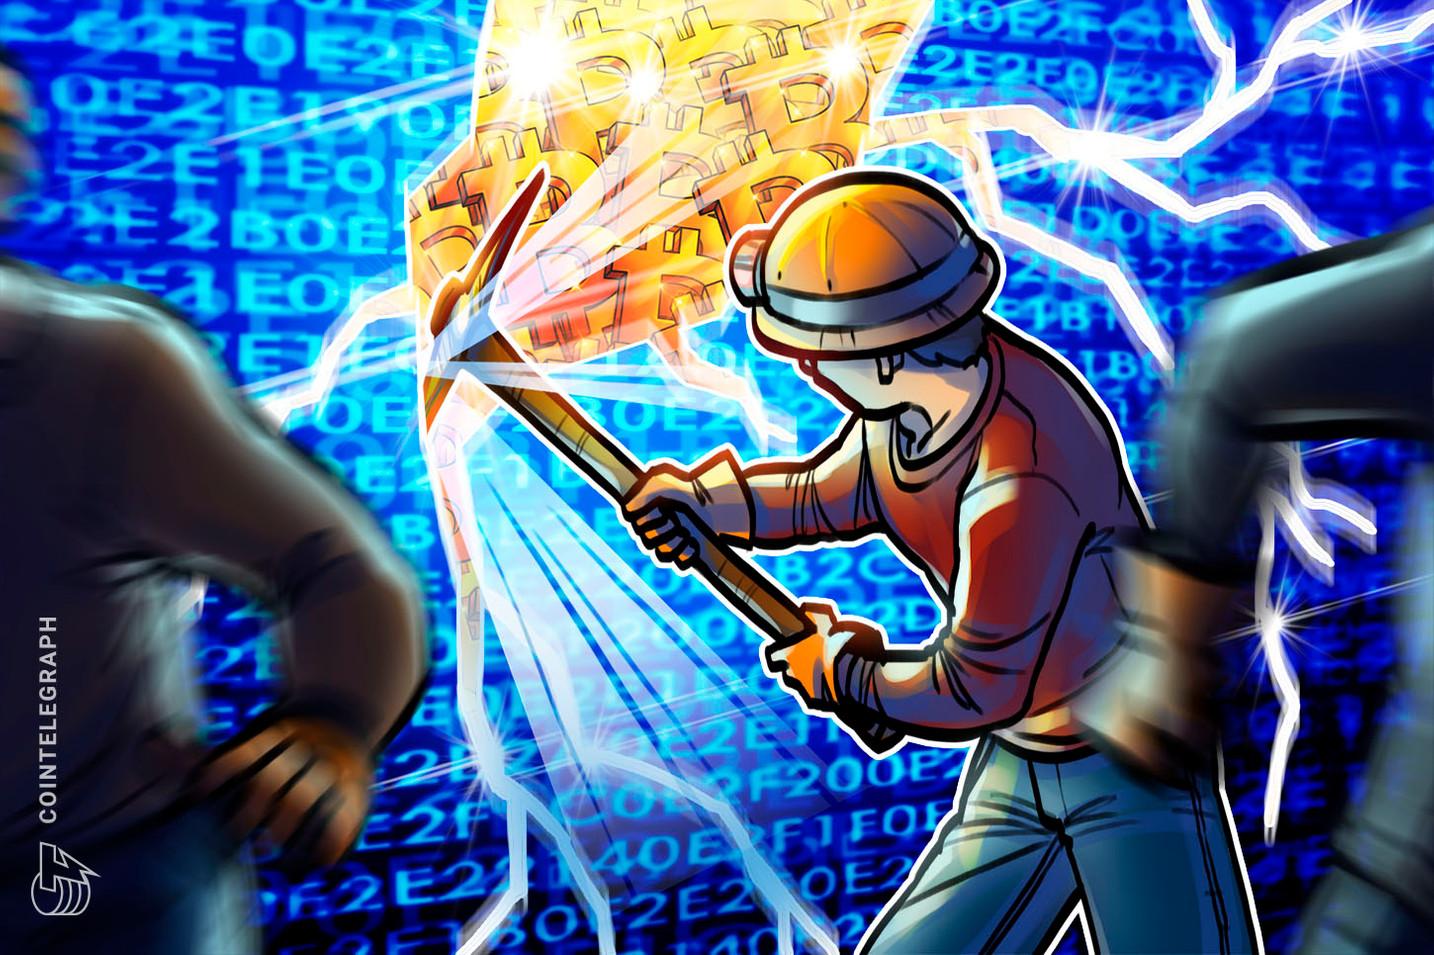 Informe: en medio del retroceso del criptomercado, los mineros argentinos de Bitcoin prosperan